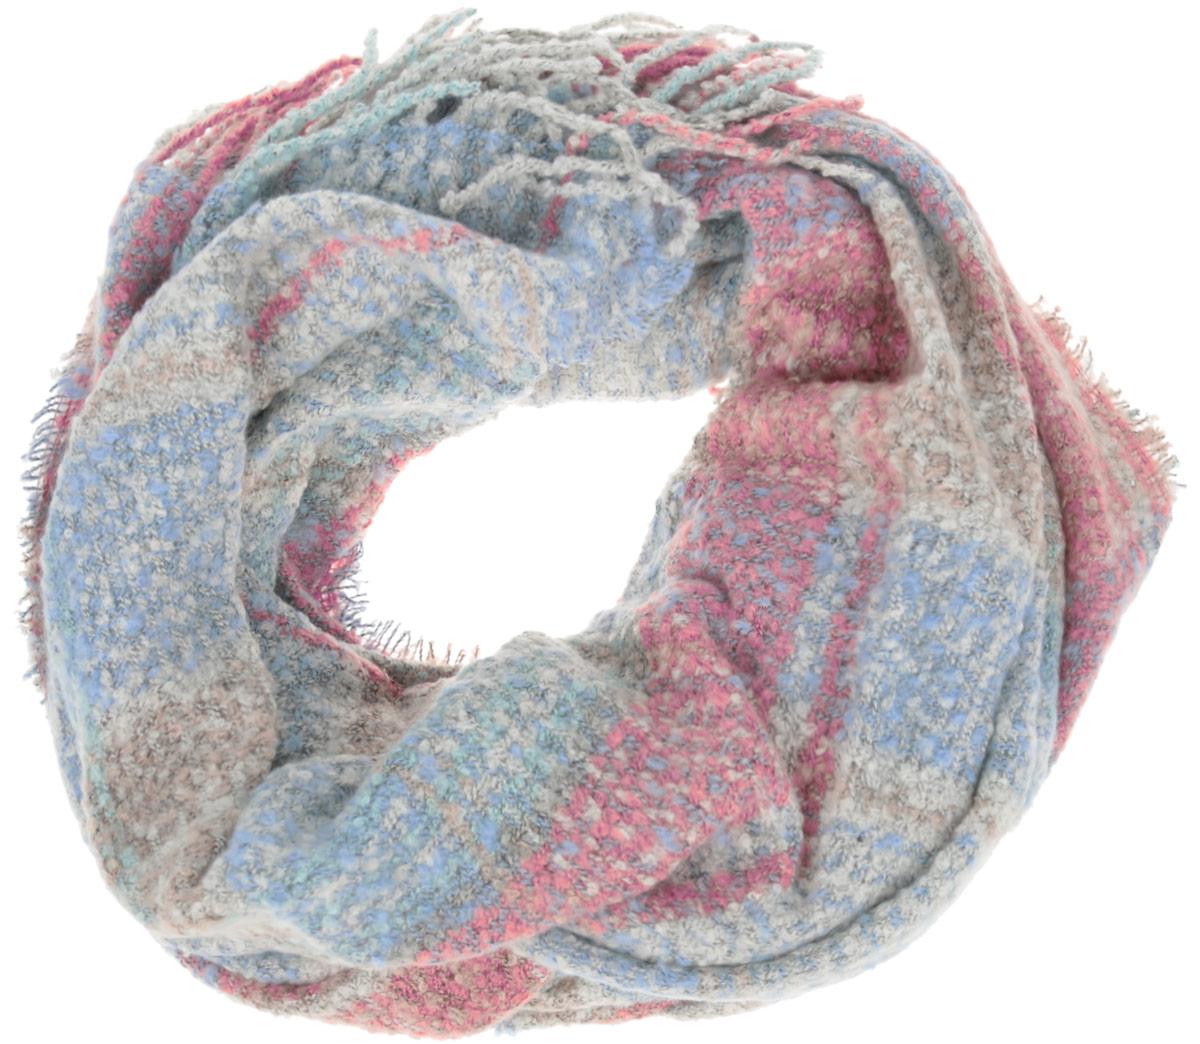 Шарф женский. SCw-142/465-6404SCw-142/465-6404Восхитительный женский вязаный шарф Sela - отличная модель для зимней погоды. Выполненный из 100% полиэстра, он прекрасно сохраняет тепло и защищает от холода. Шарф связан оригинальным узором и оформлен декоративными кисточками. Такой аксессуар достойно дополнит ваш гардероб.